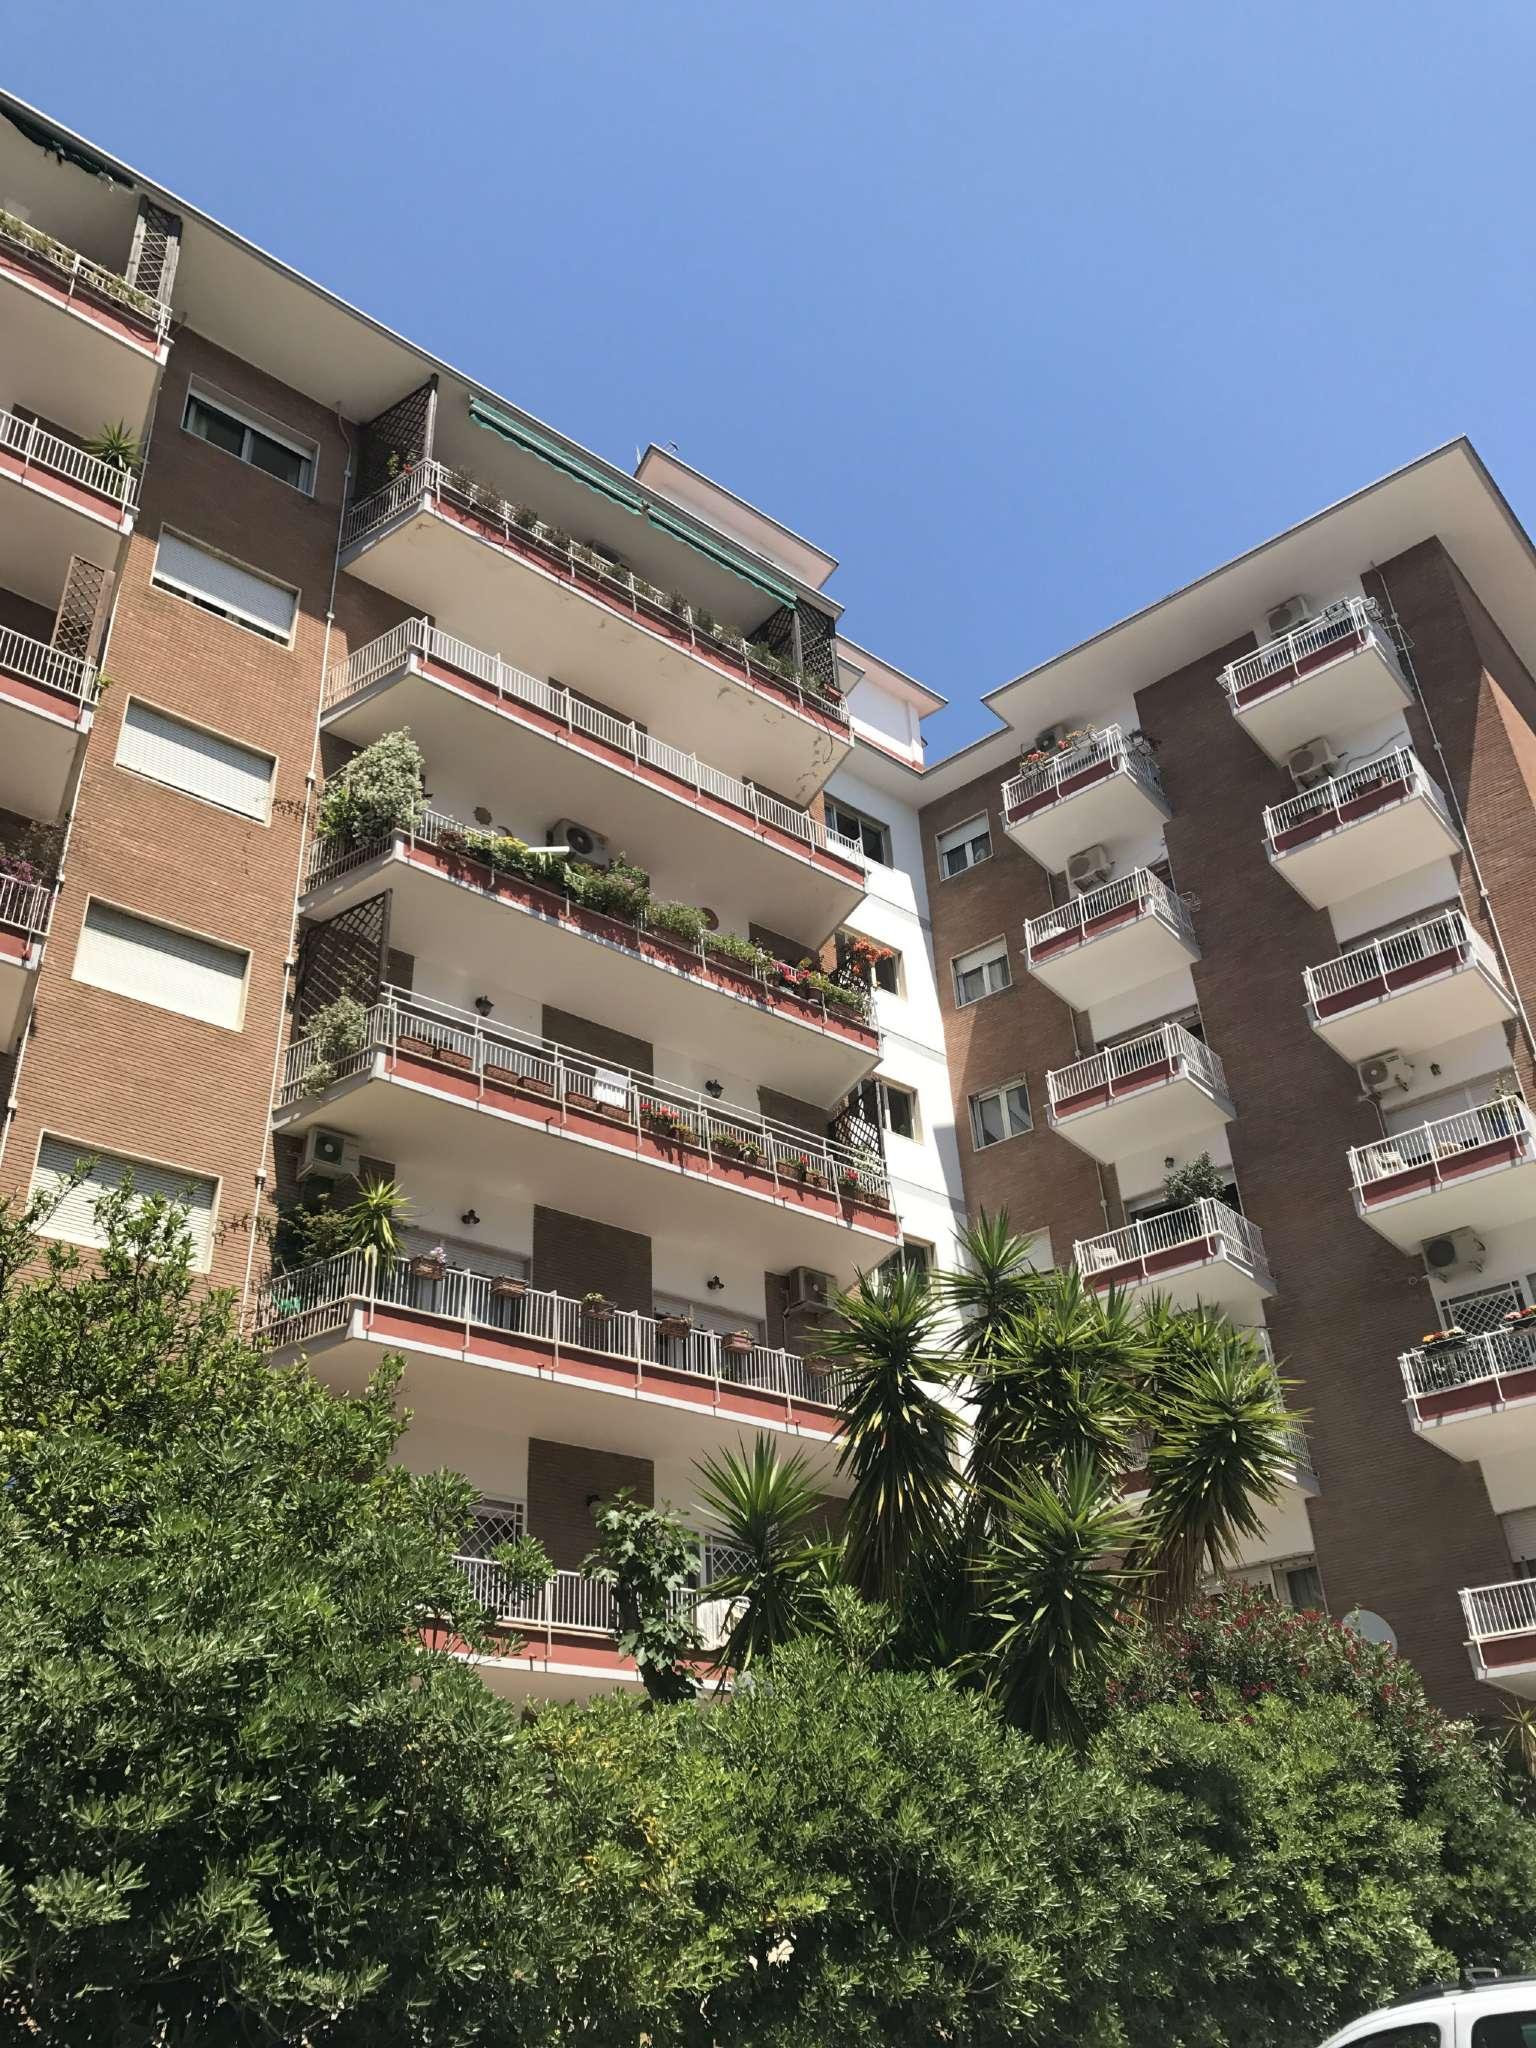 Attico / Mansarda in affitto a Napoli, 5 locali, zona Zona: 1 . Chiaia, Posillipo, San Ferdinando, prezzo € 1.700 | Cambio Casa.it